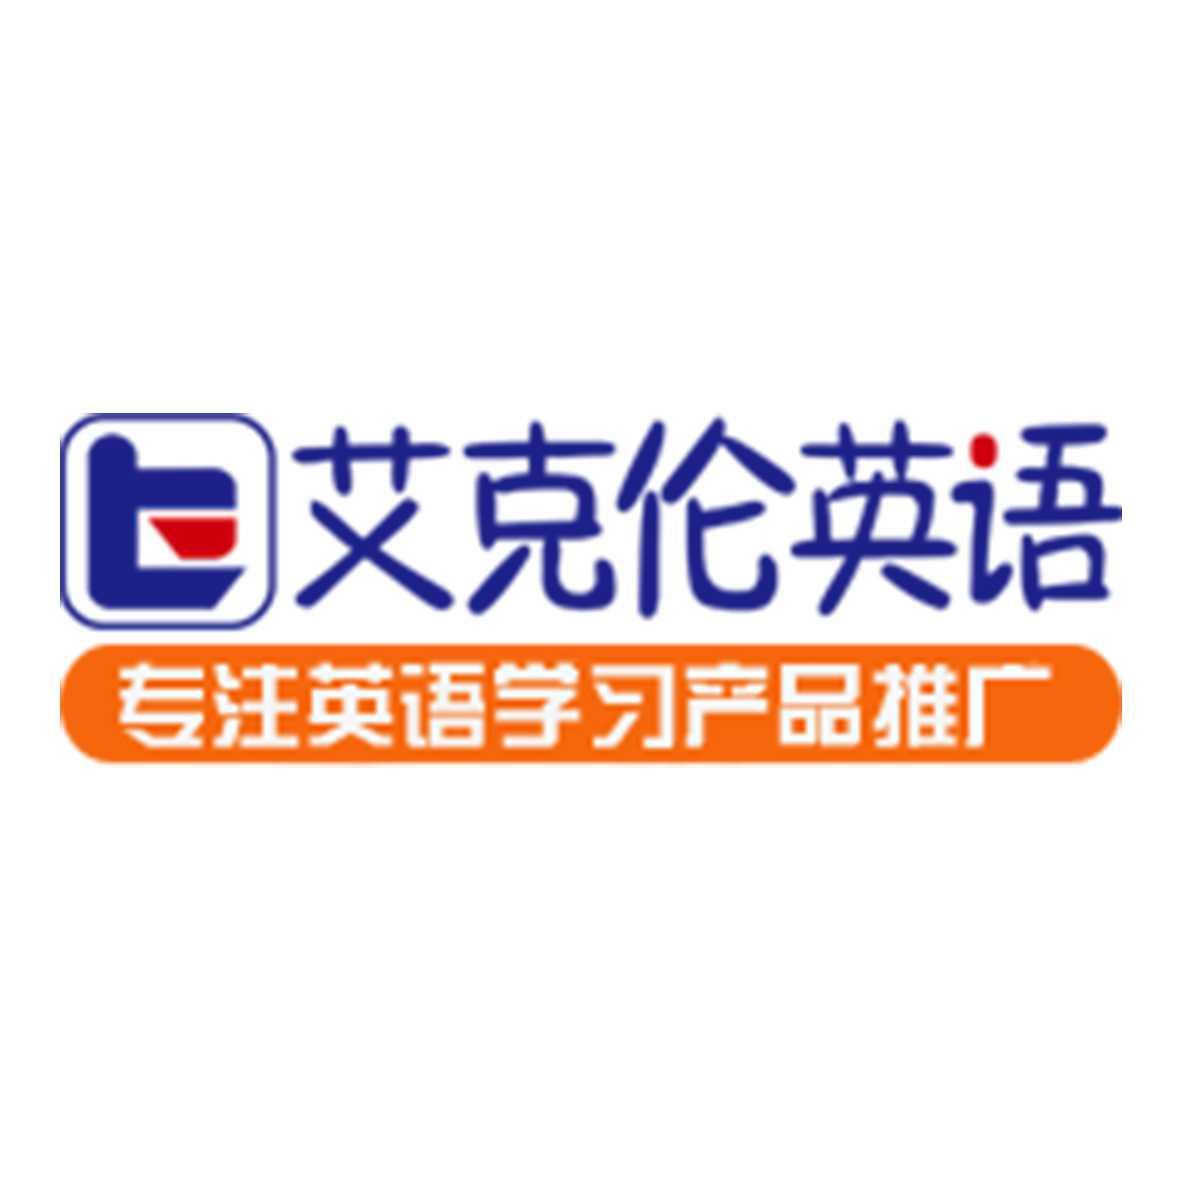 艾克伦英语logo,石家庄英语